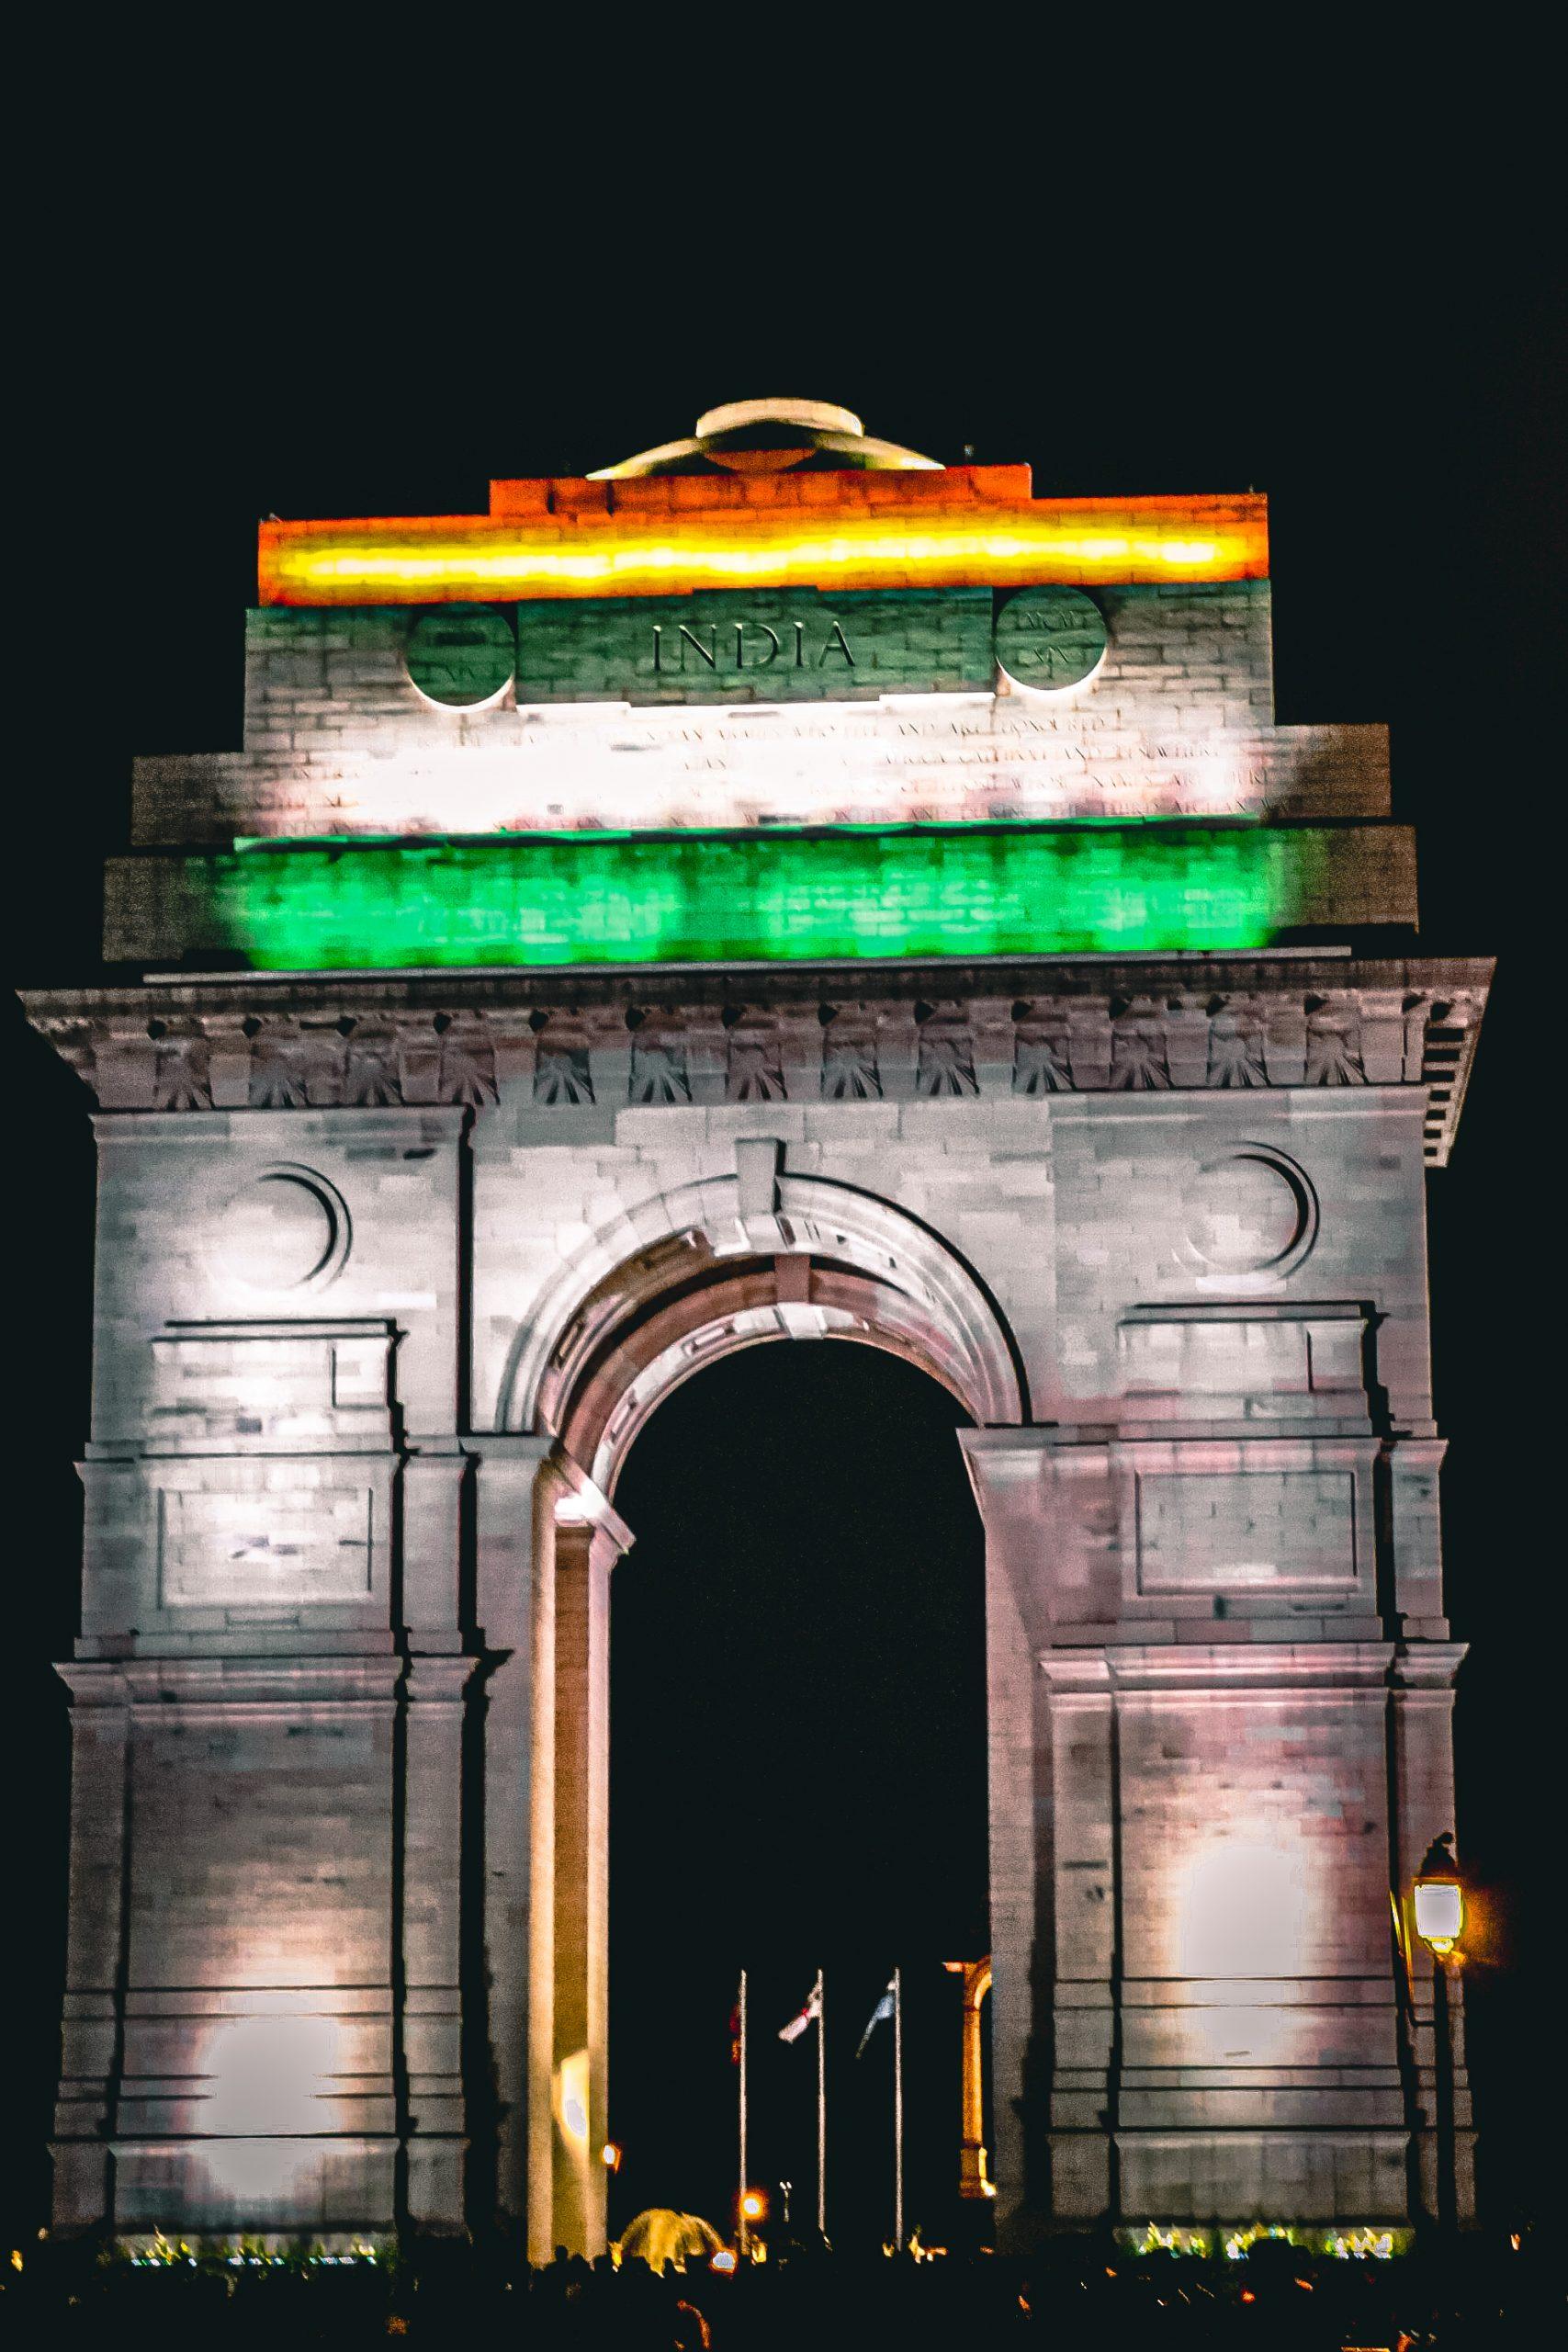 India gate monument